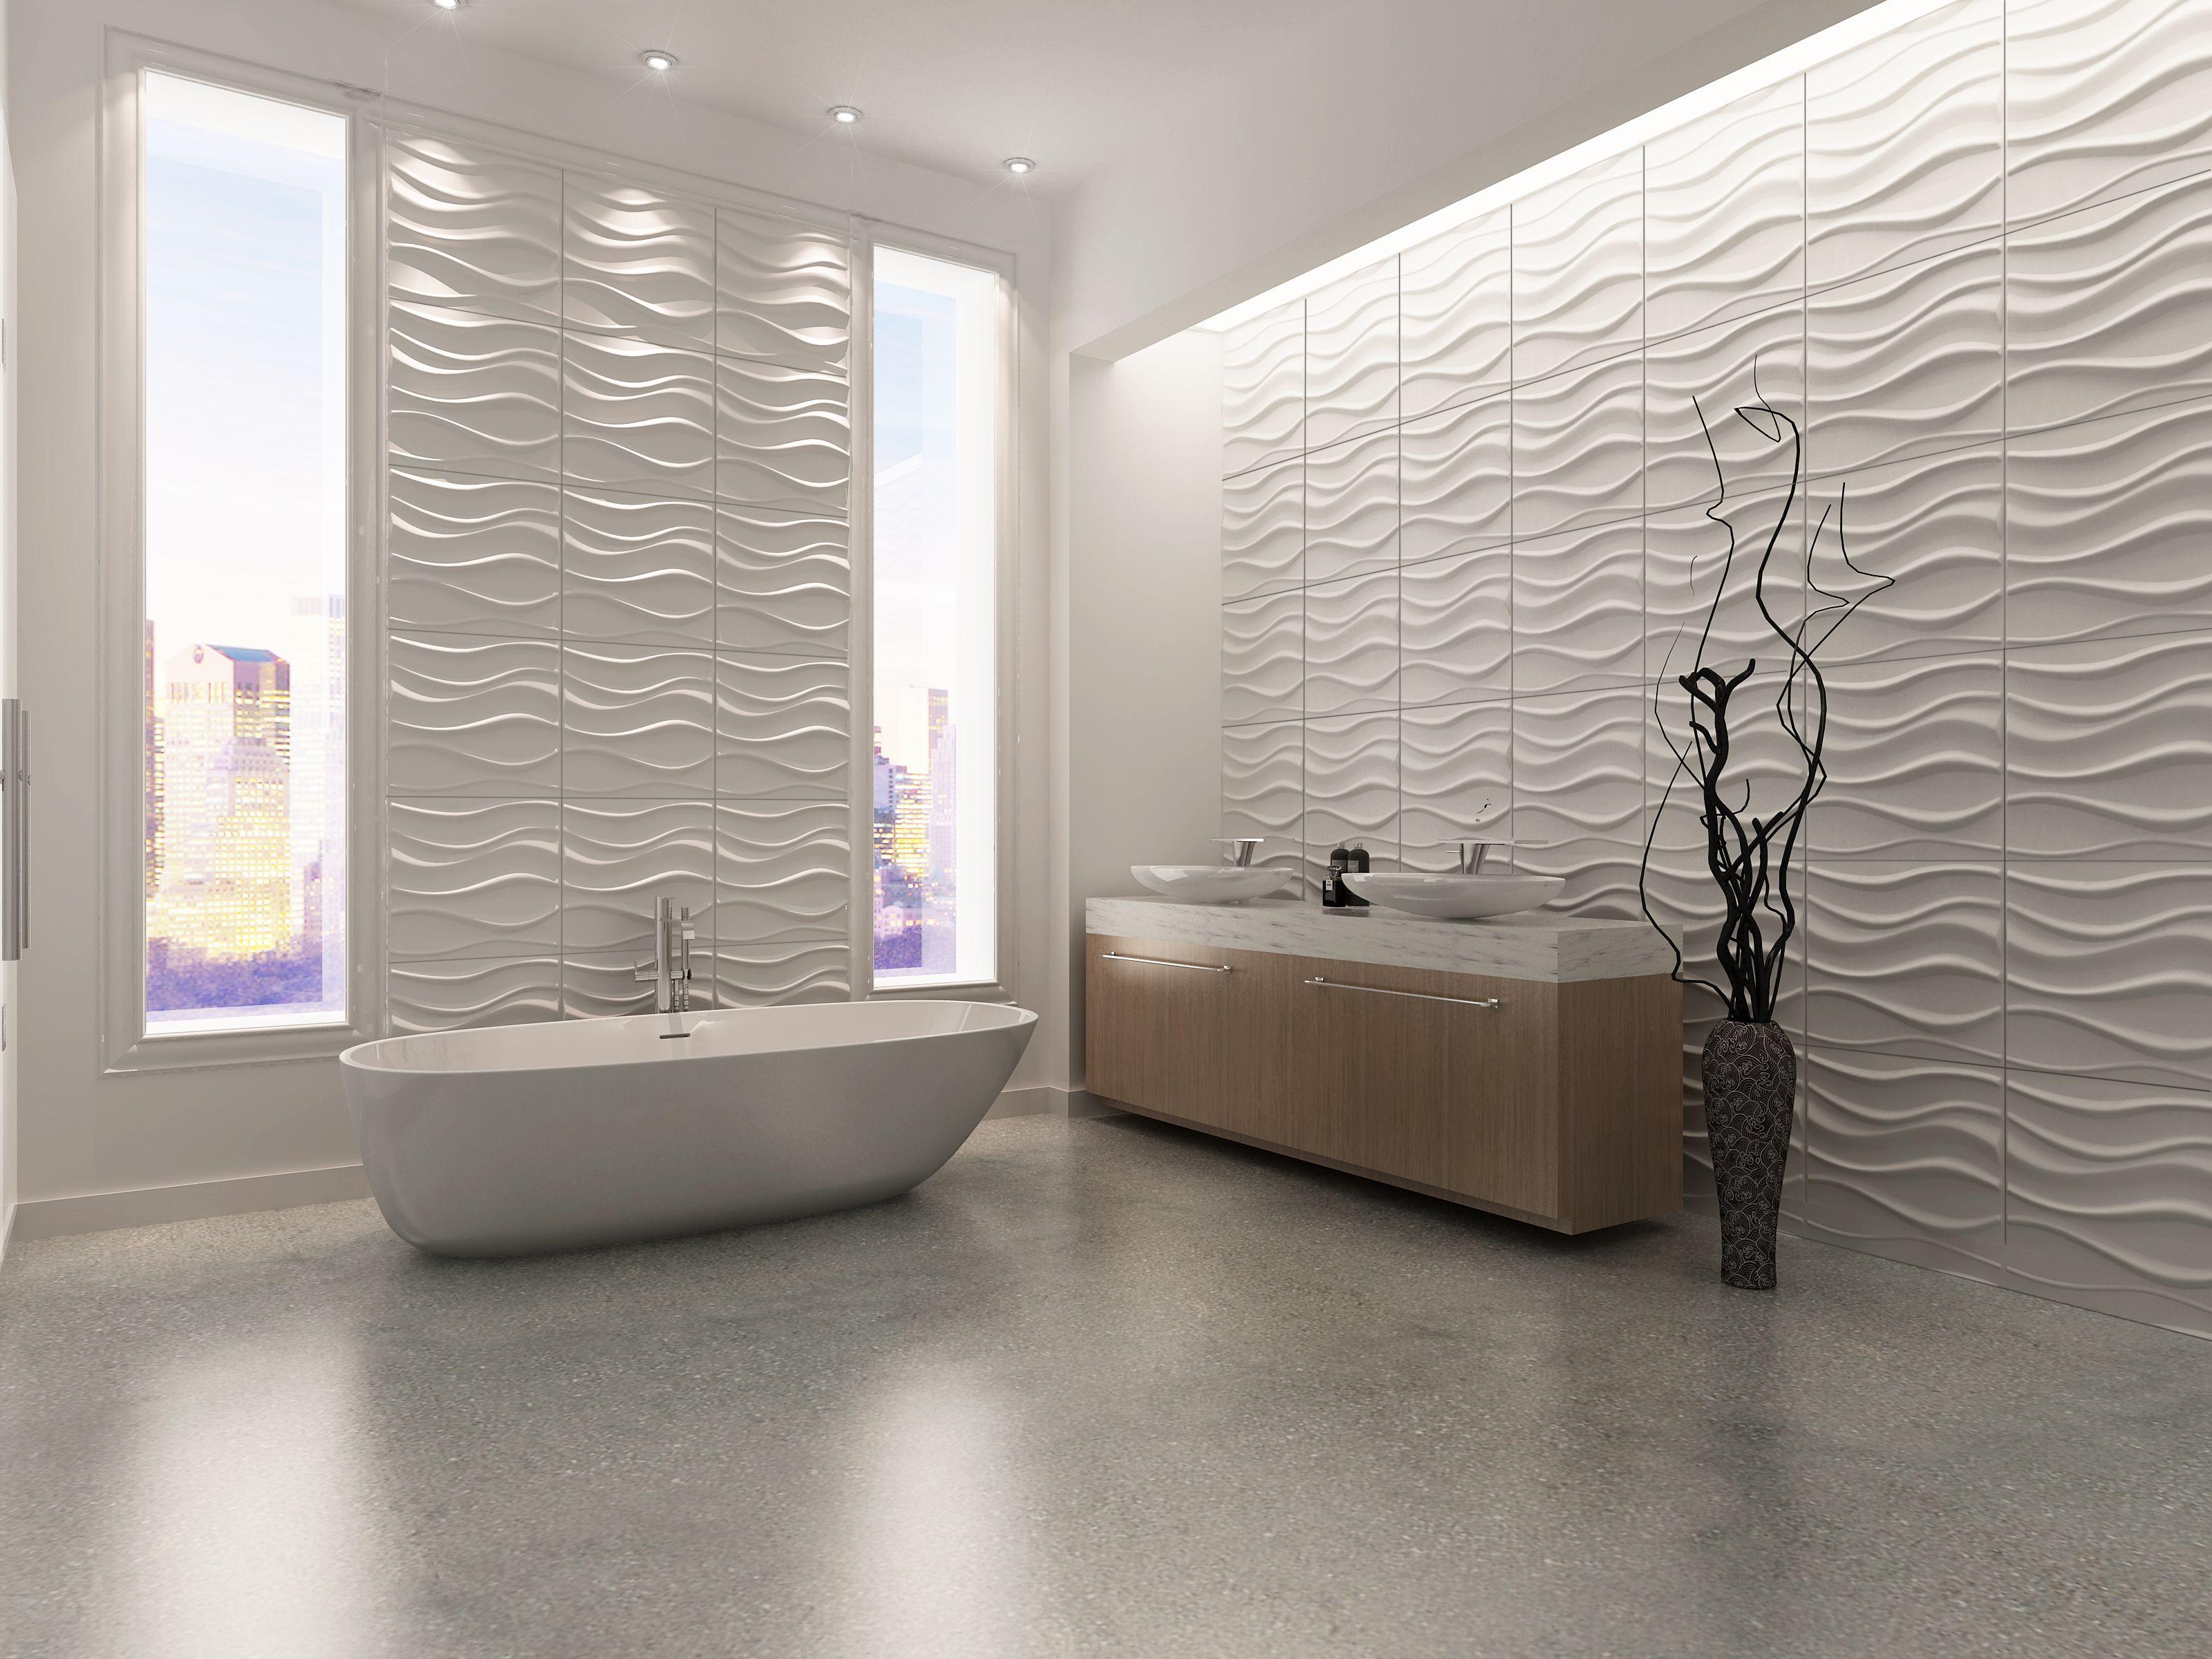 Een Van De Best Verlopende Wanddecoratie Van Design Your Home